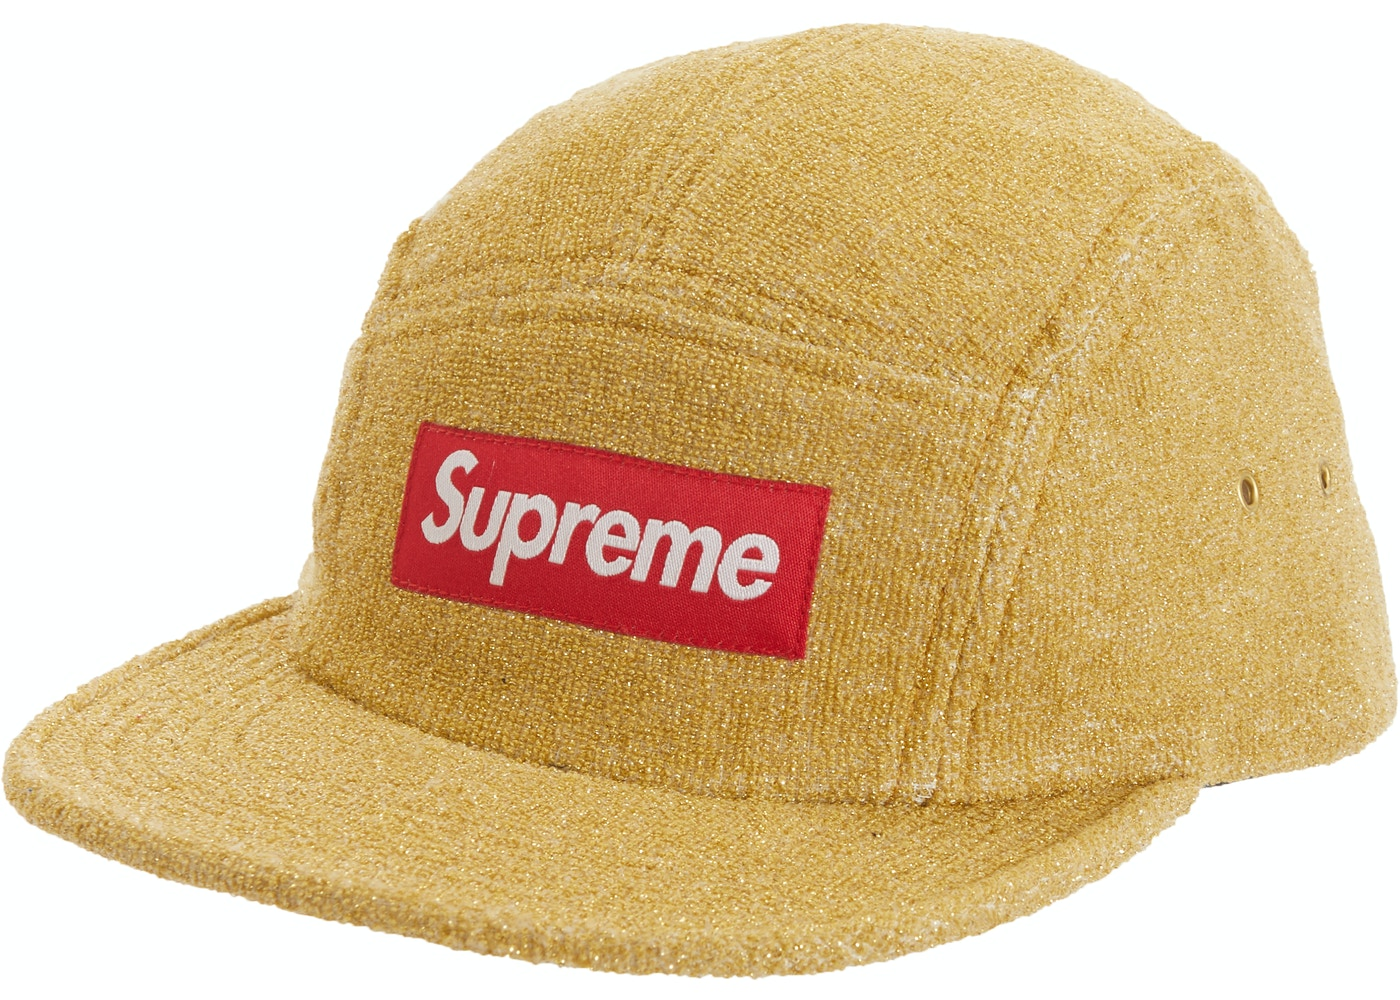 95b715d5 Supreme Headwear - Buy & Sell Streetwear